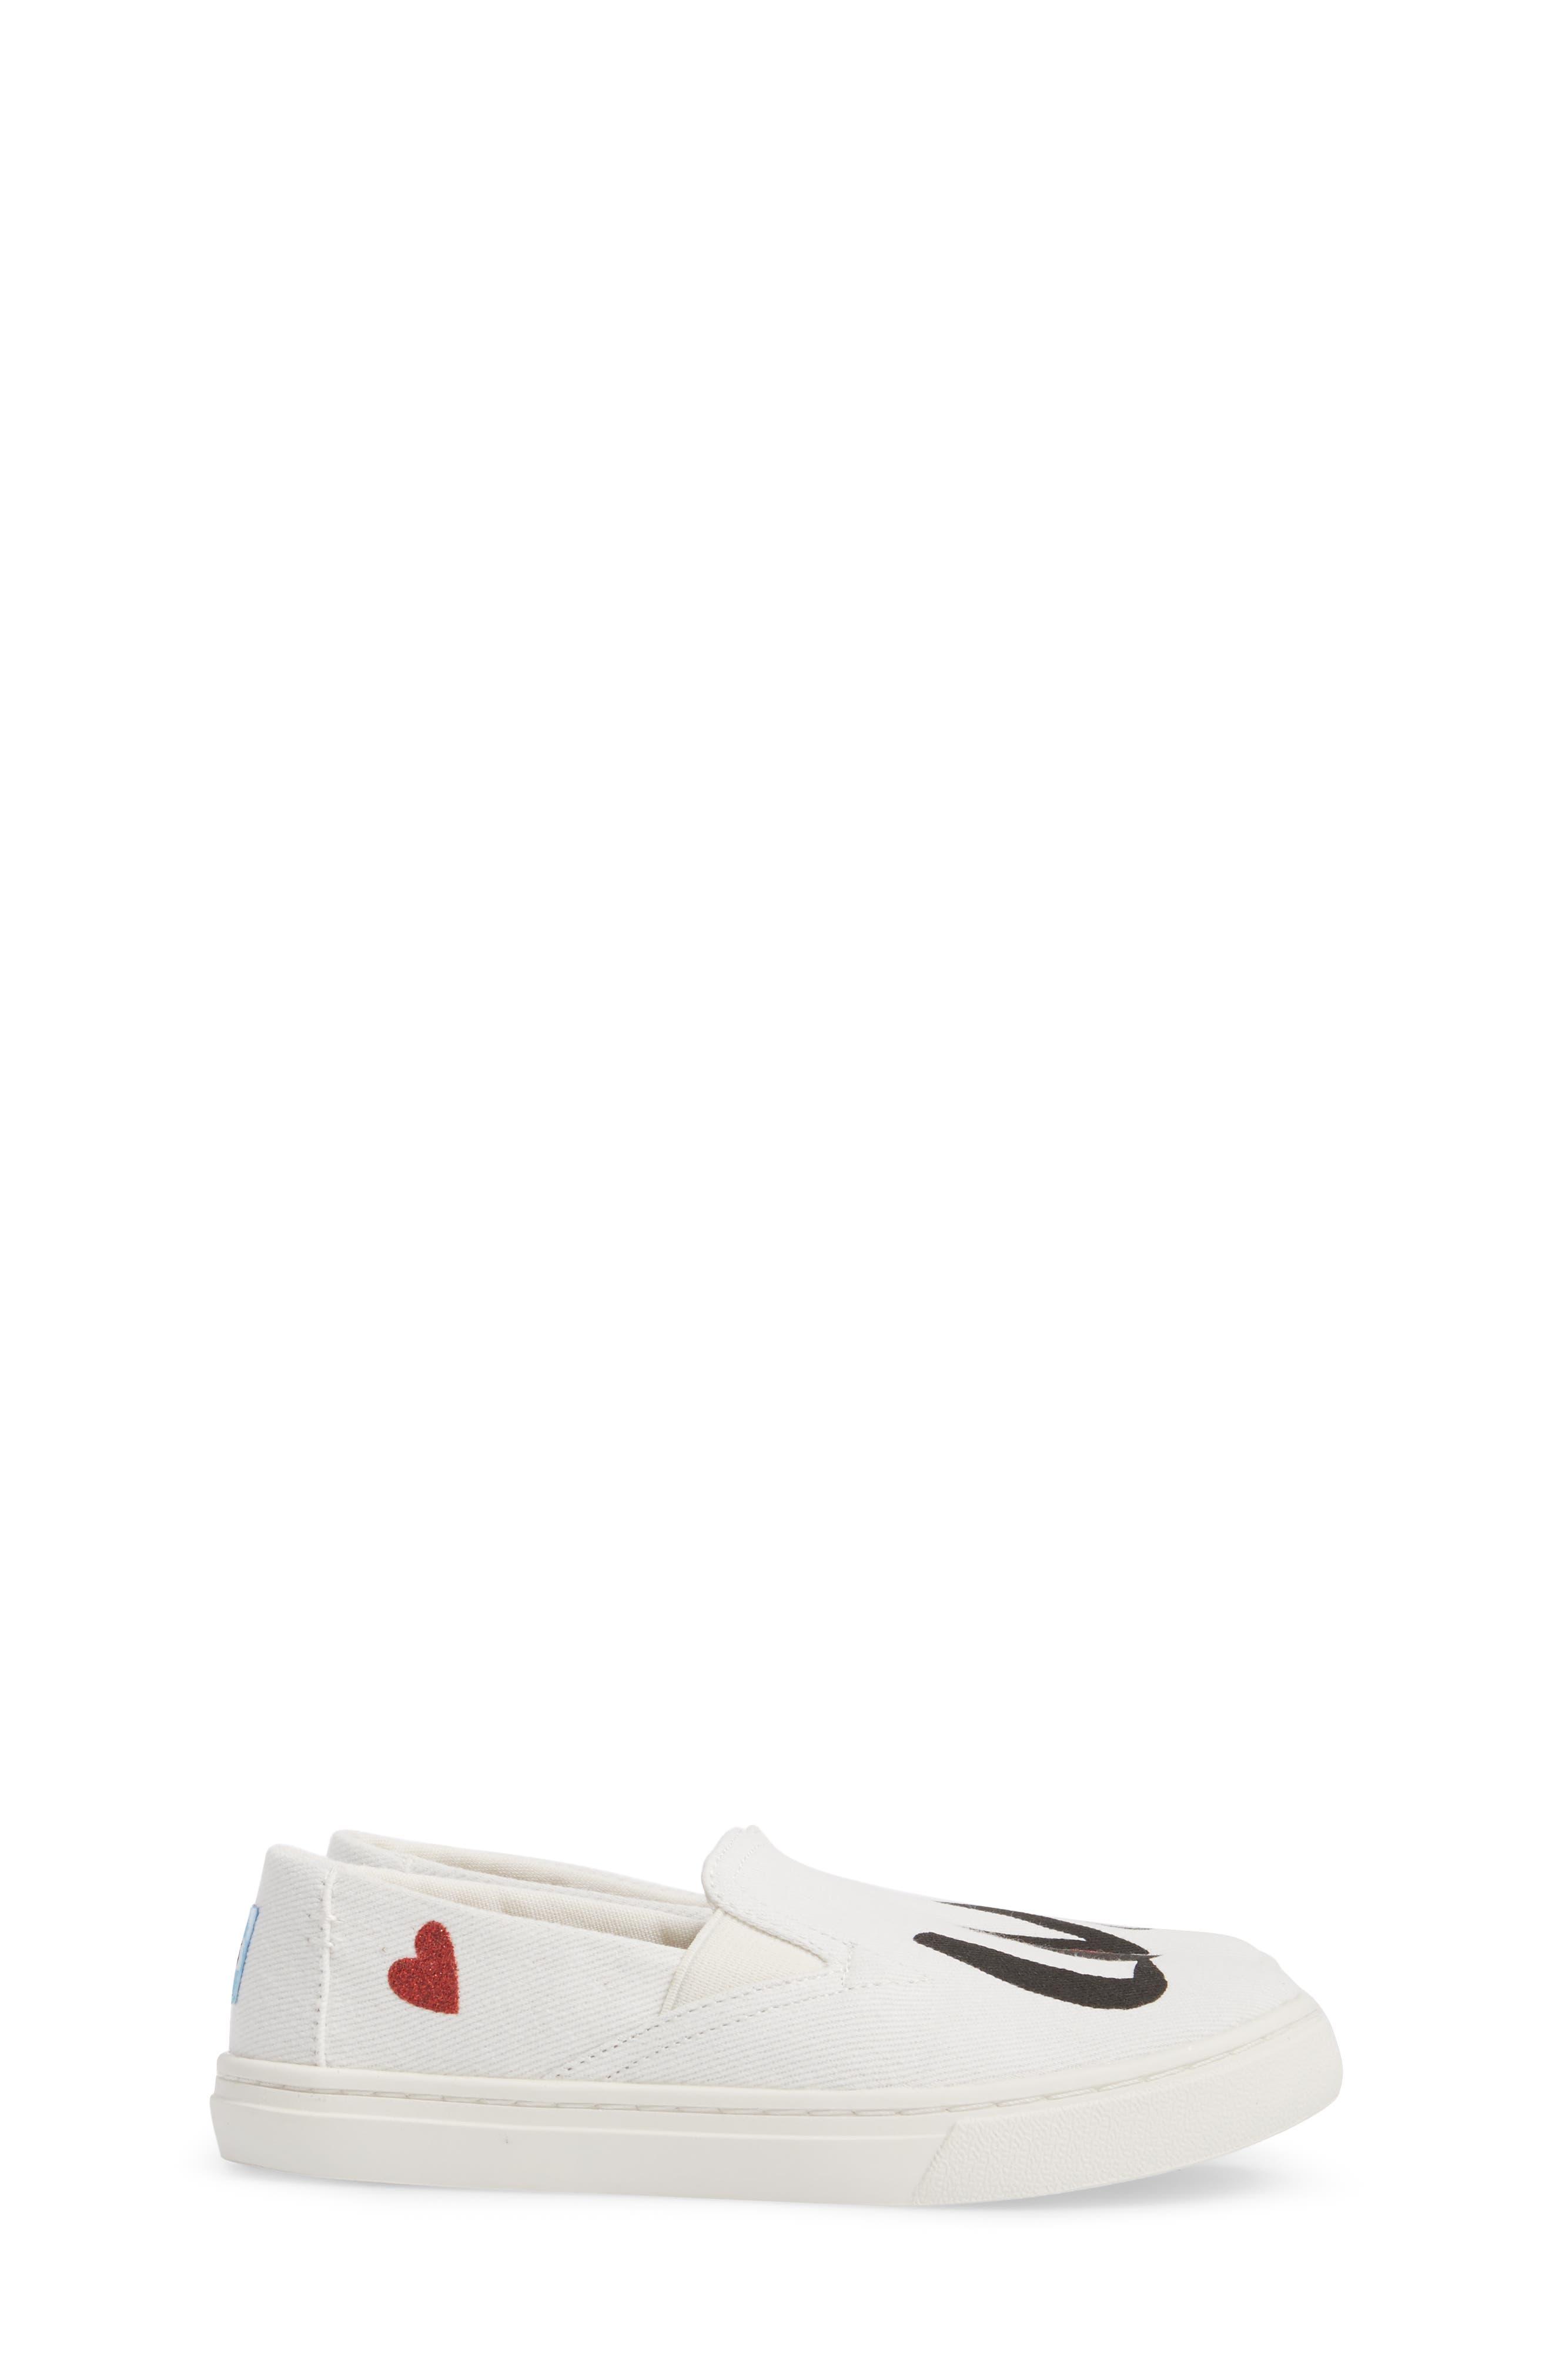 Luca Slip-On Sneaker,                             Alternate thumbnail 30, color,